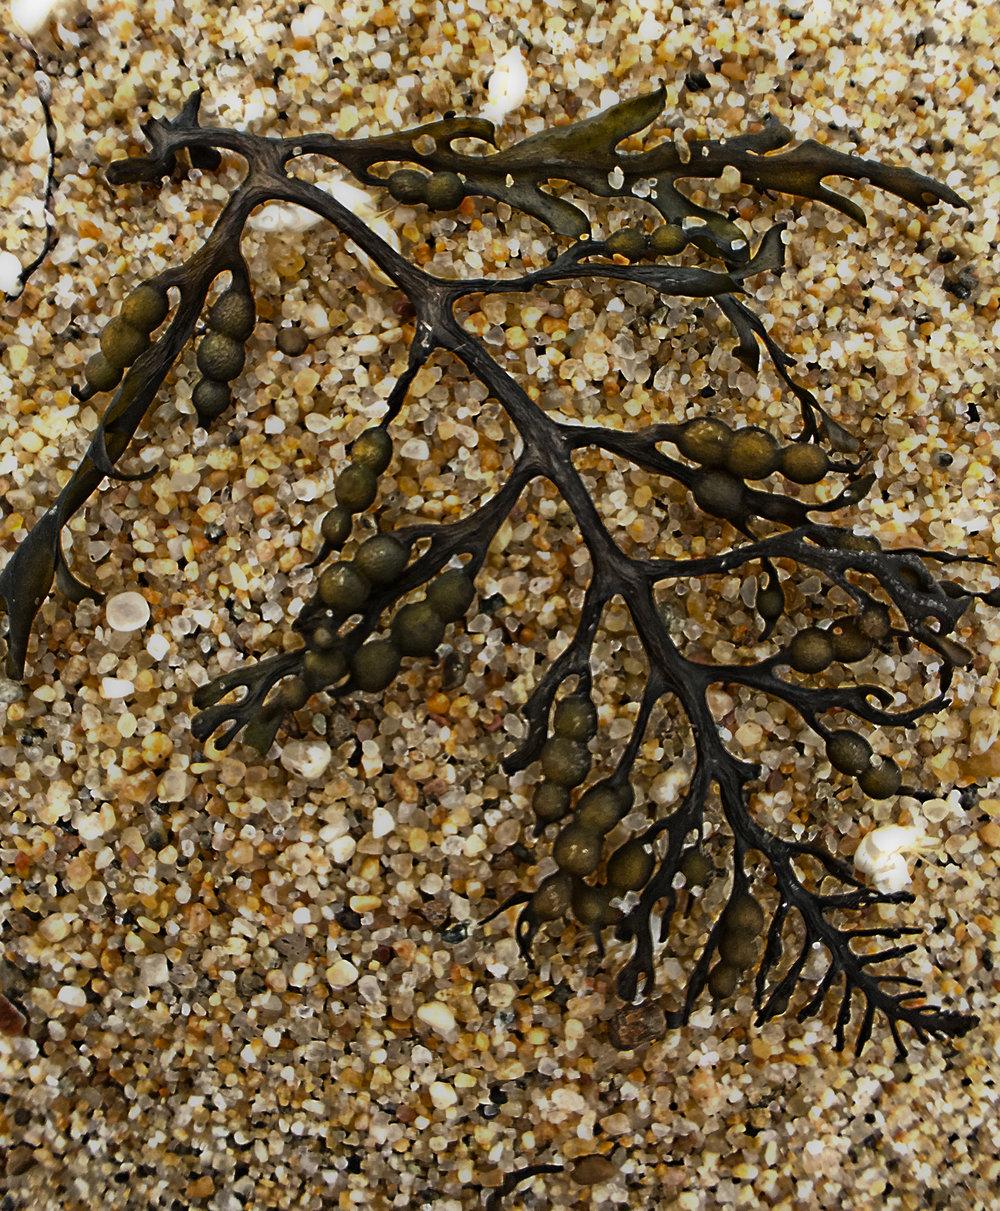 Sand and Sea Life